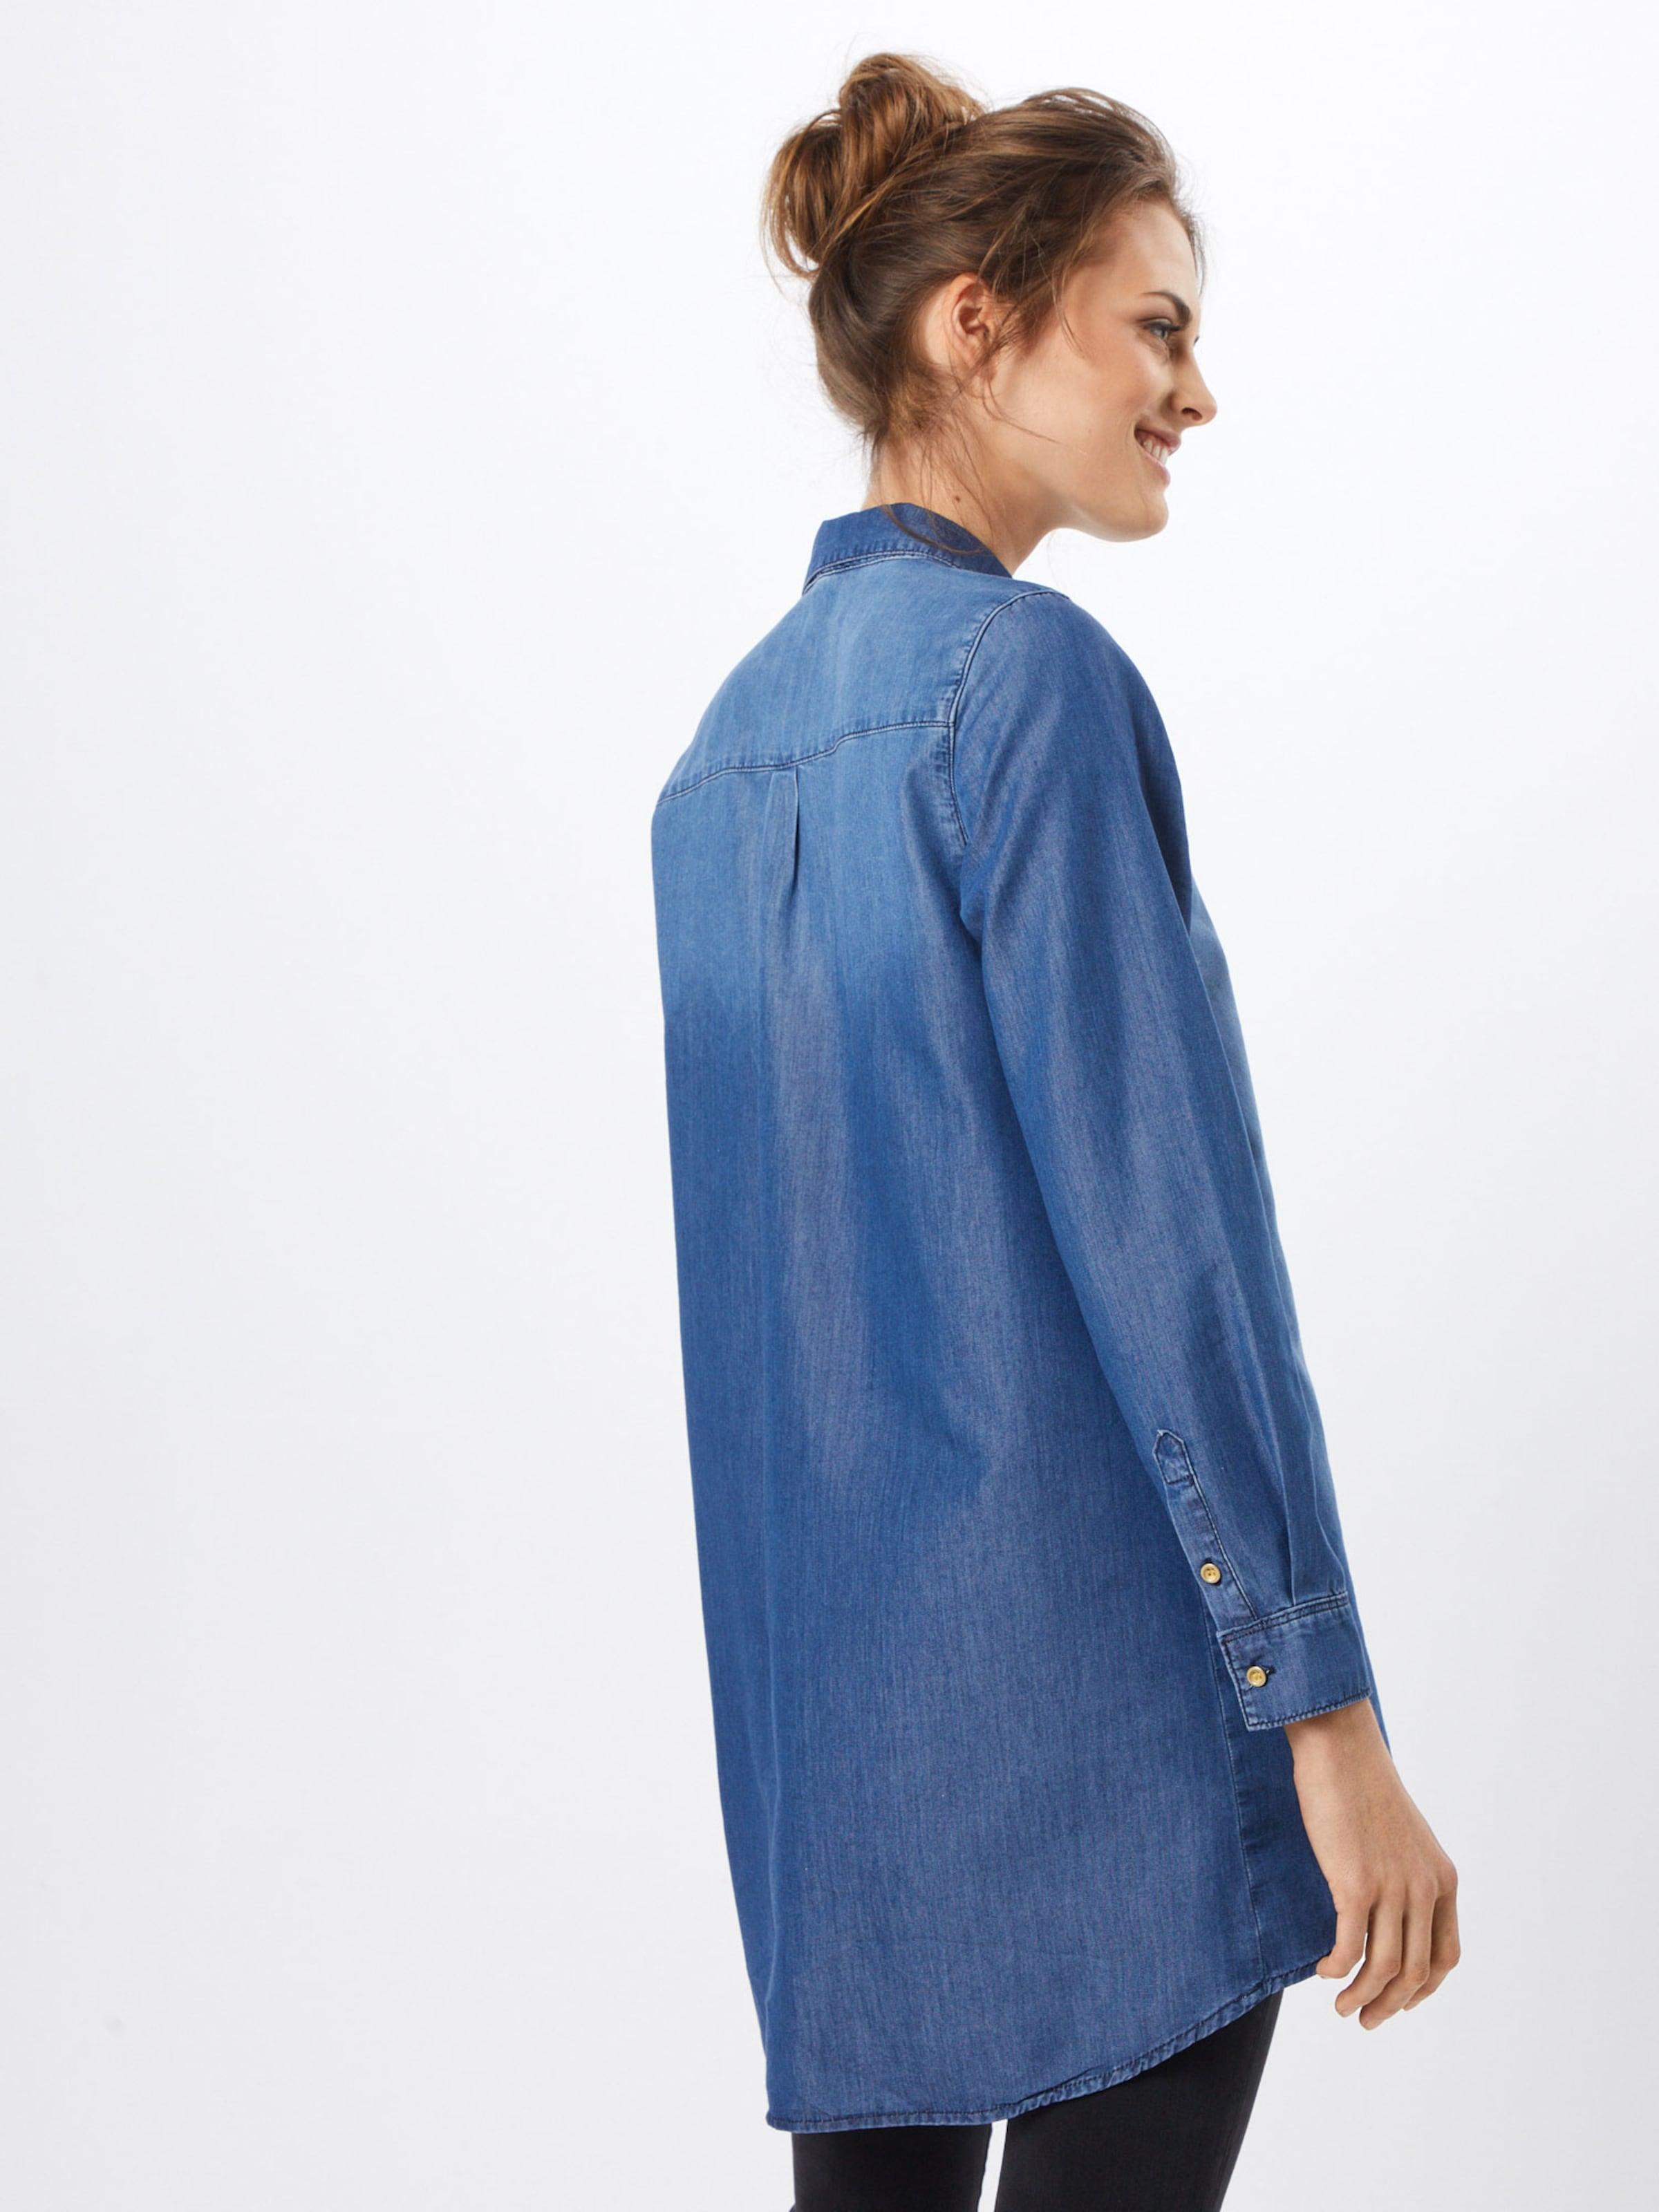 Bluse 'blessing' Aus Denim Fritzi Preußen Blue In y8OmNnvw0